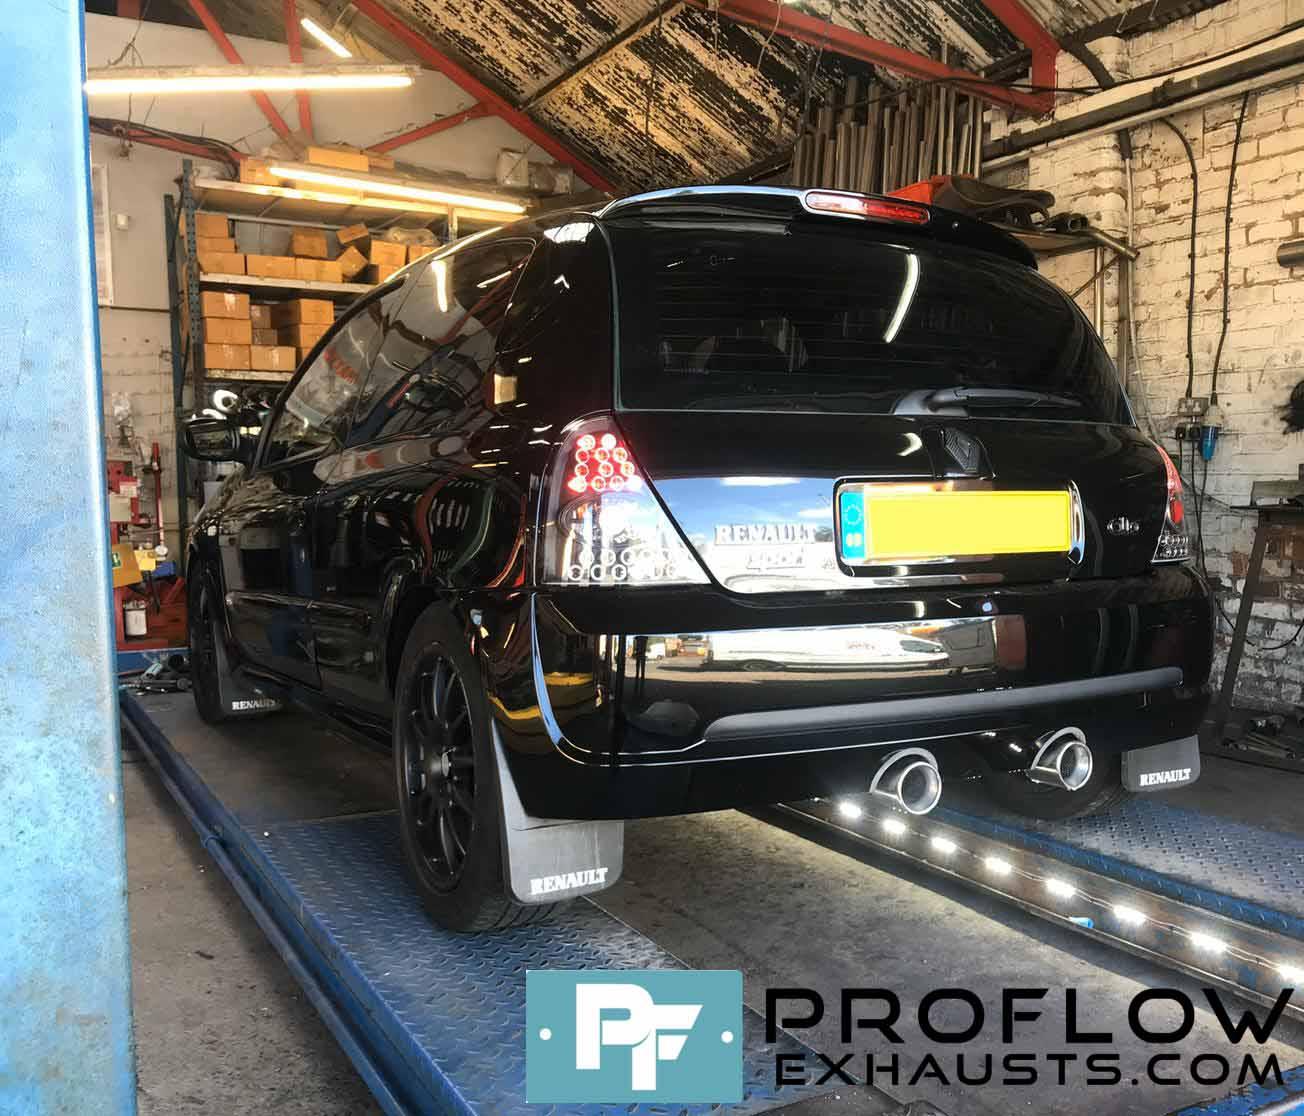 Renalut Clio Custom Exhaust Proflow Exhausts (3)